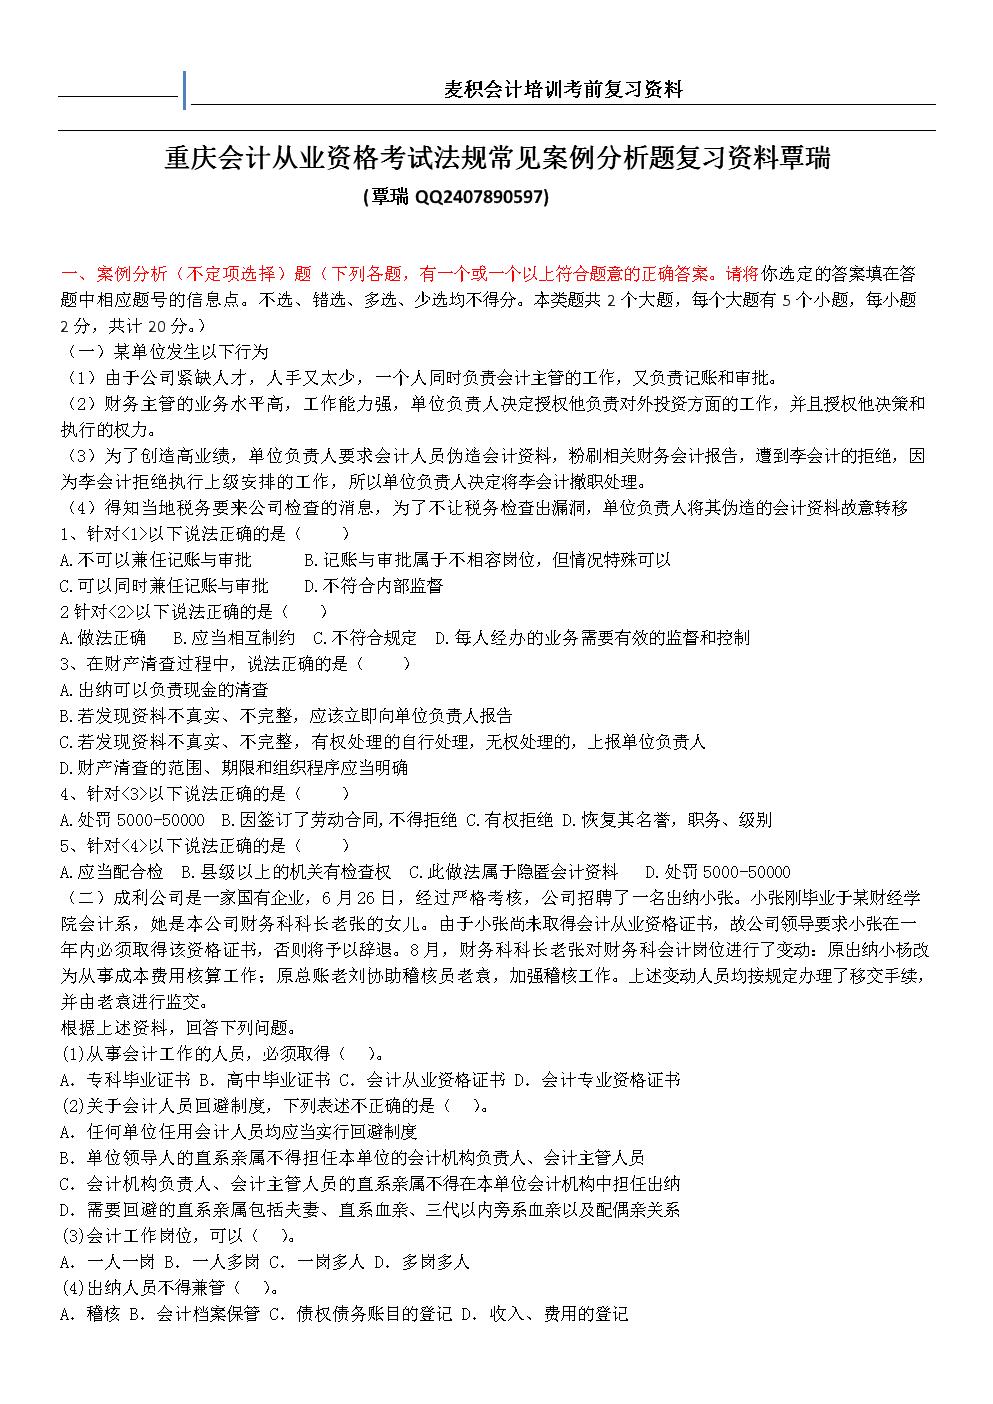 重庆会计从业资格考试法规常见案例分析题复习资料覃瑞(1).docx